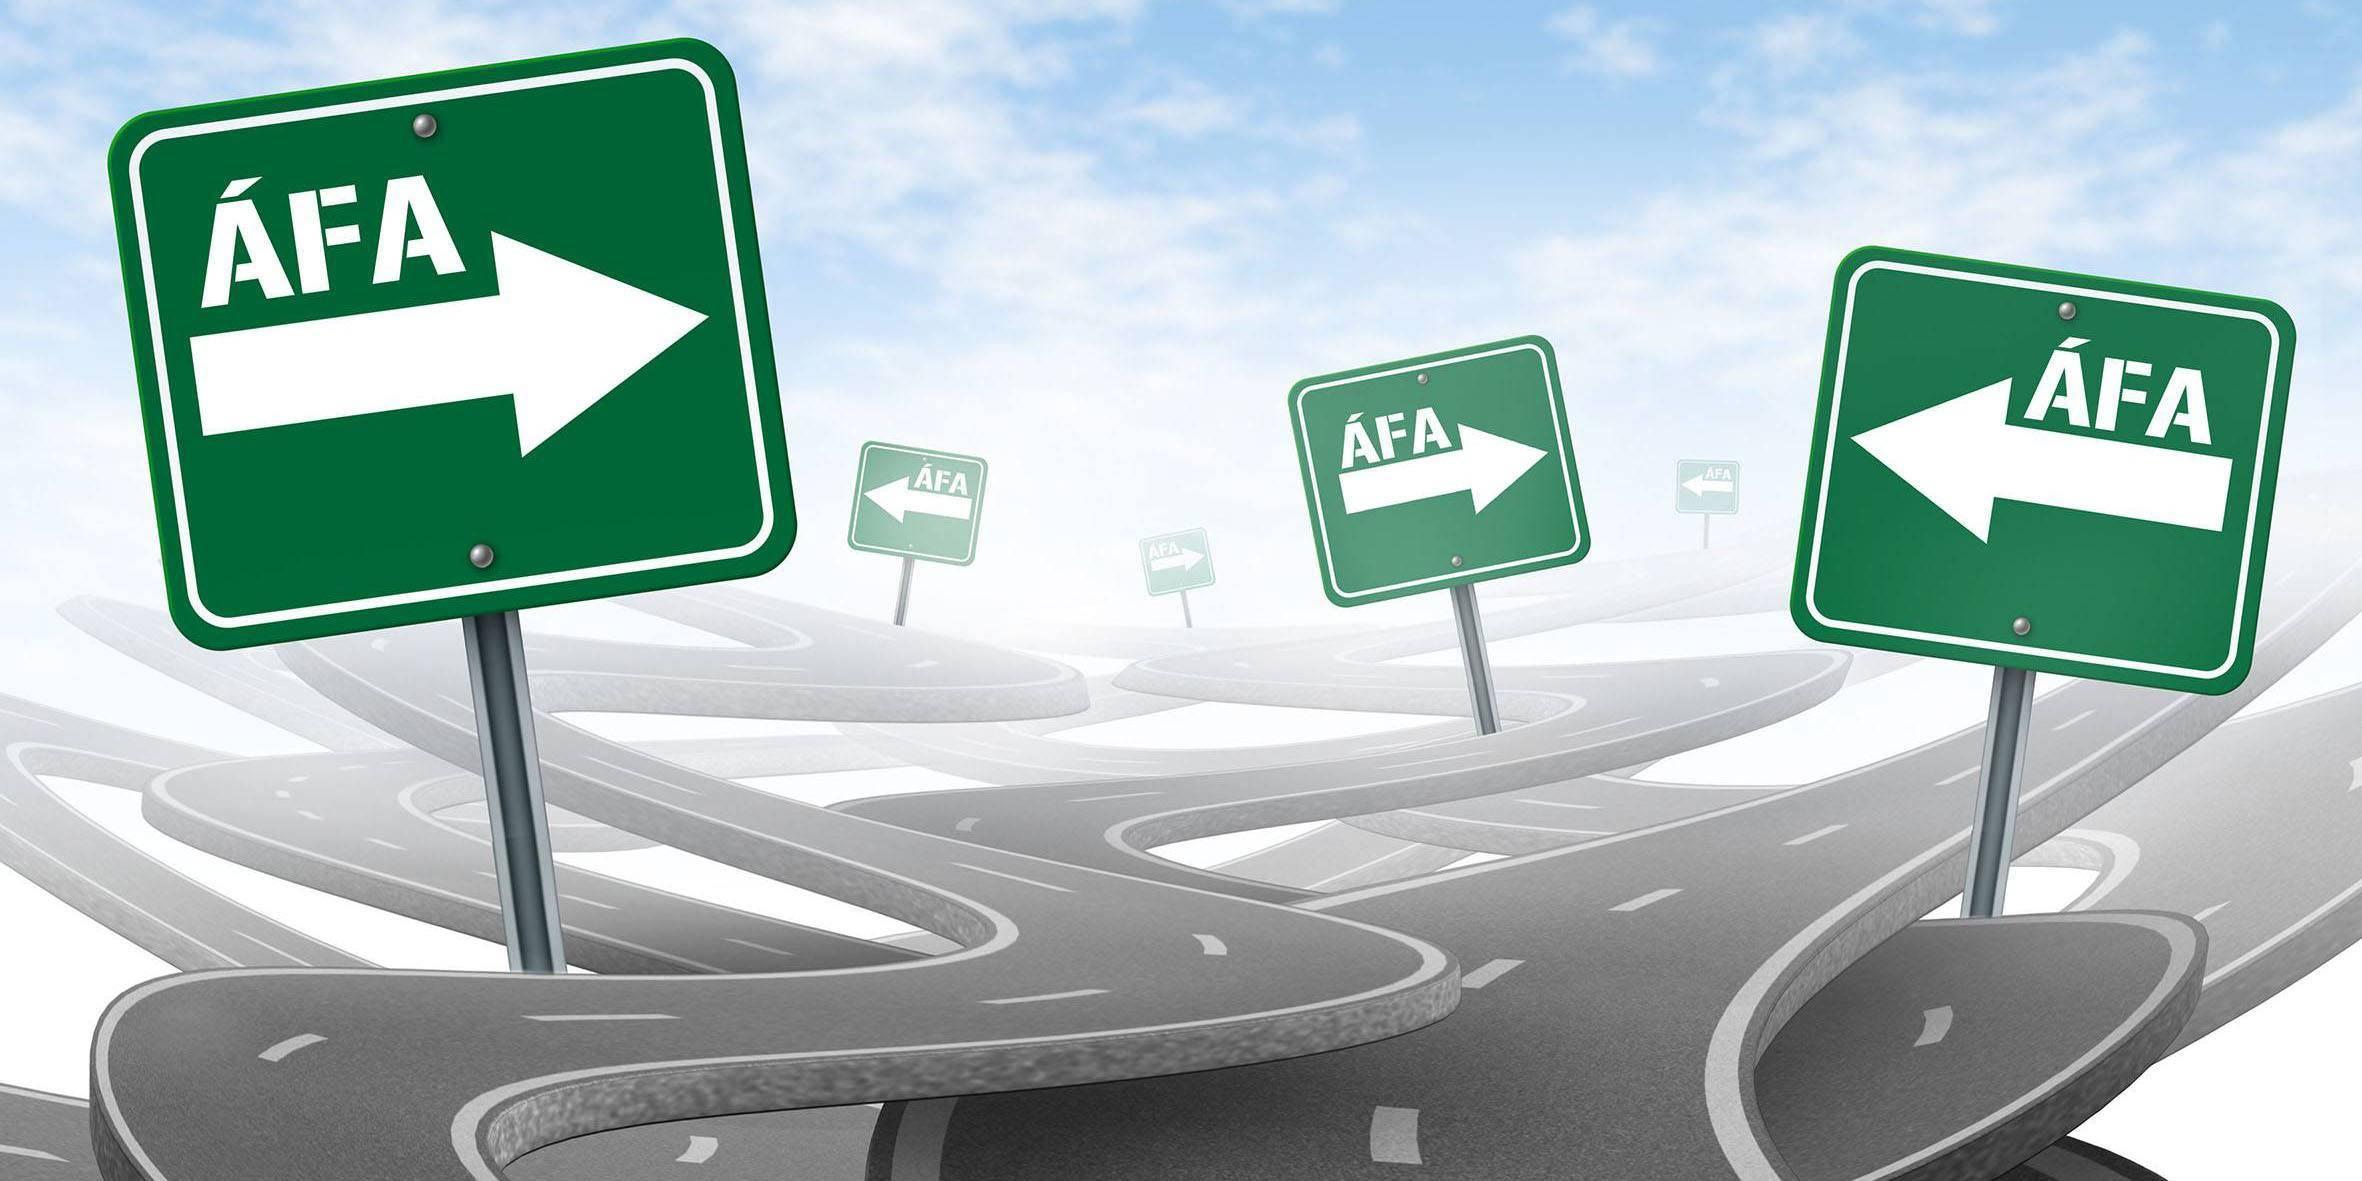 Személygépkocsik bérleti díj, ÁFA-visszaigénylés, GPS-alapú